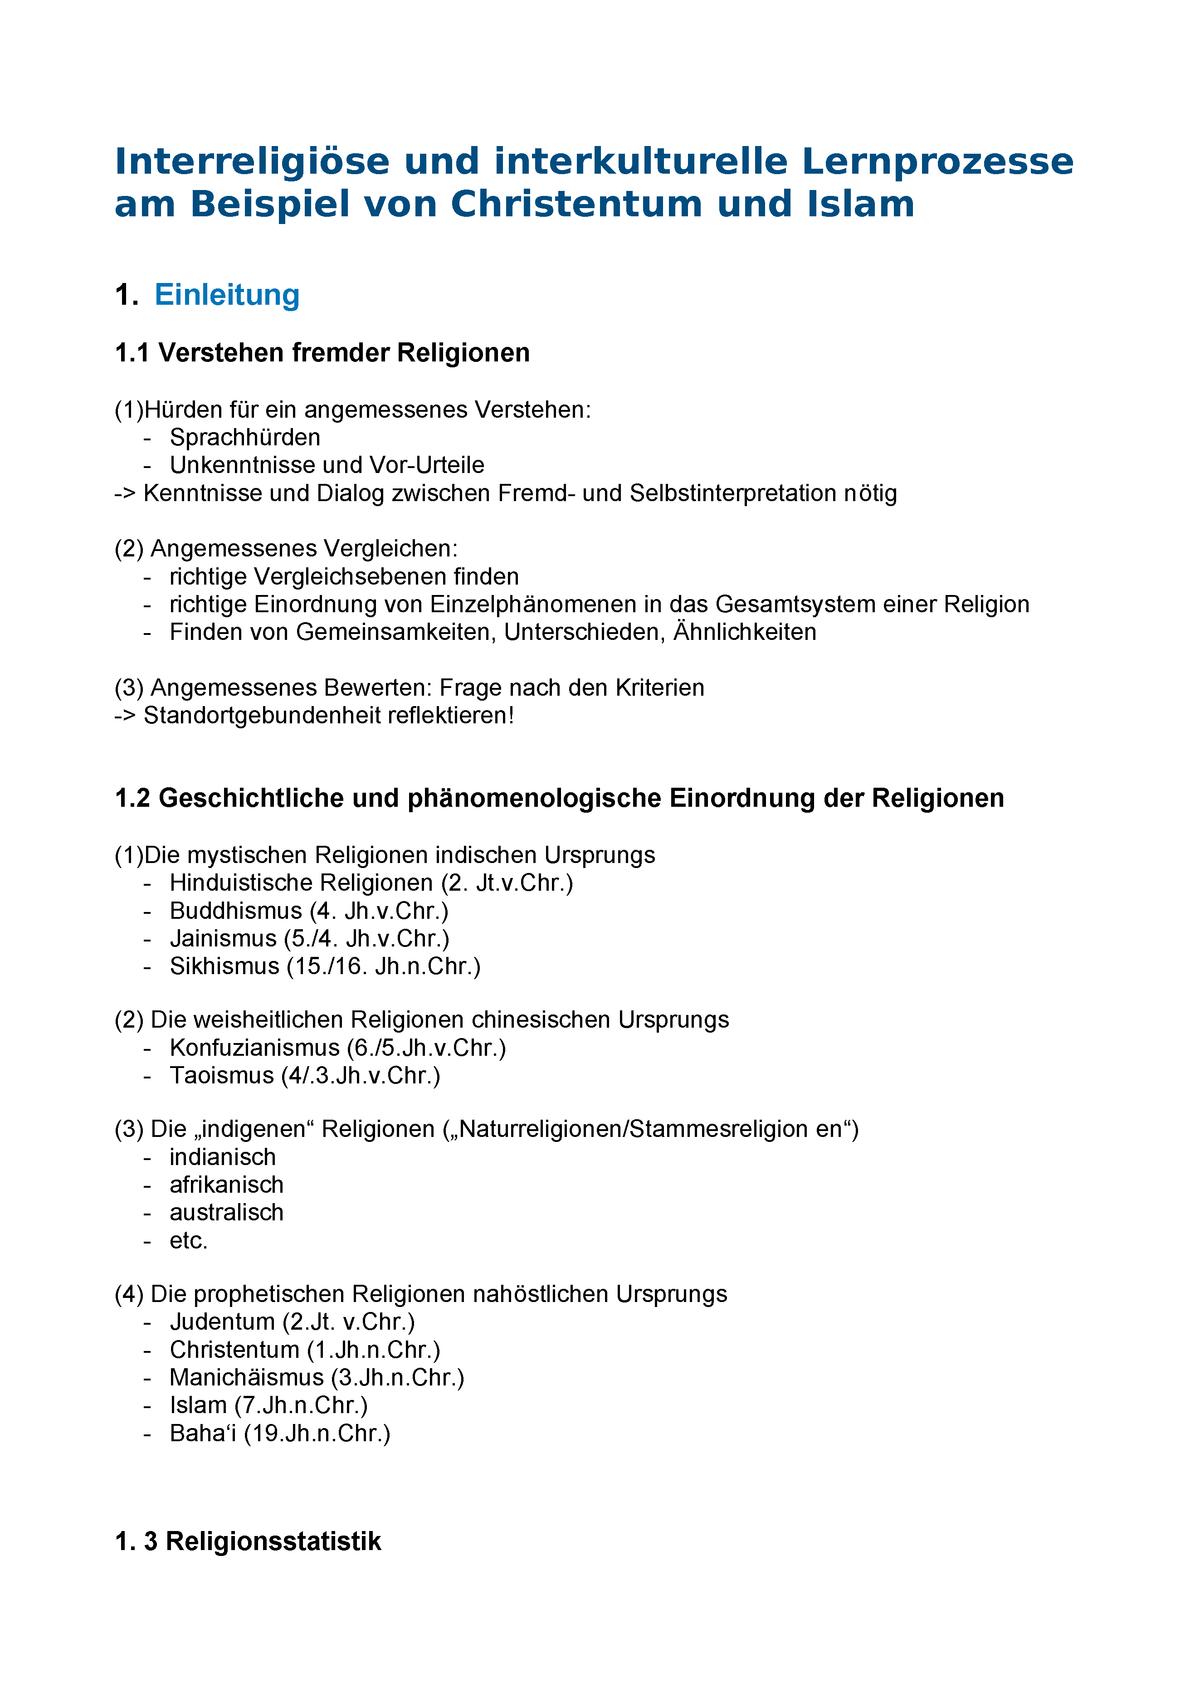 Interreligiöse und interkulturelle Lernprozesse - GWS - StuDocu